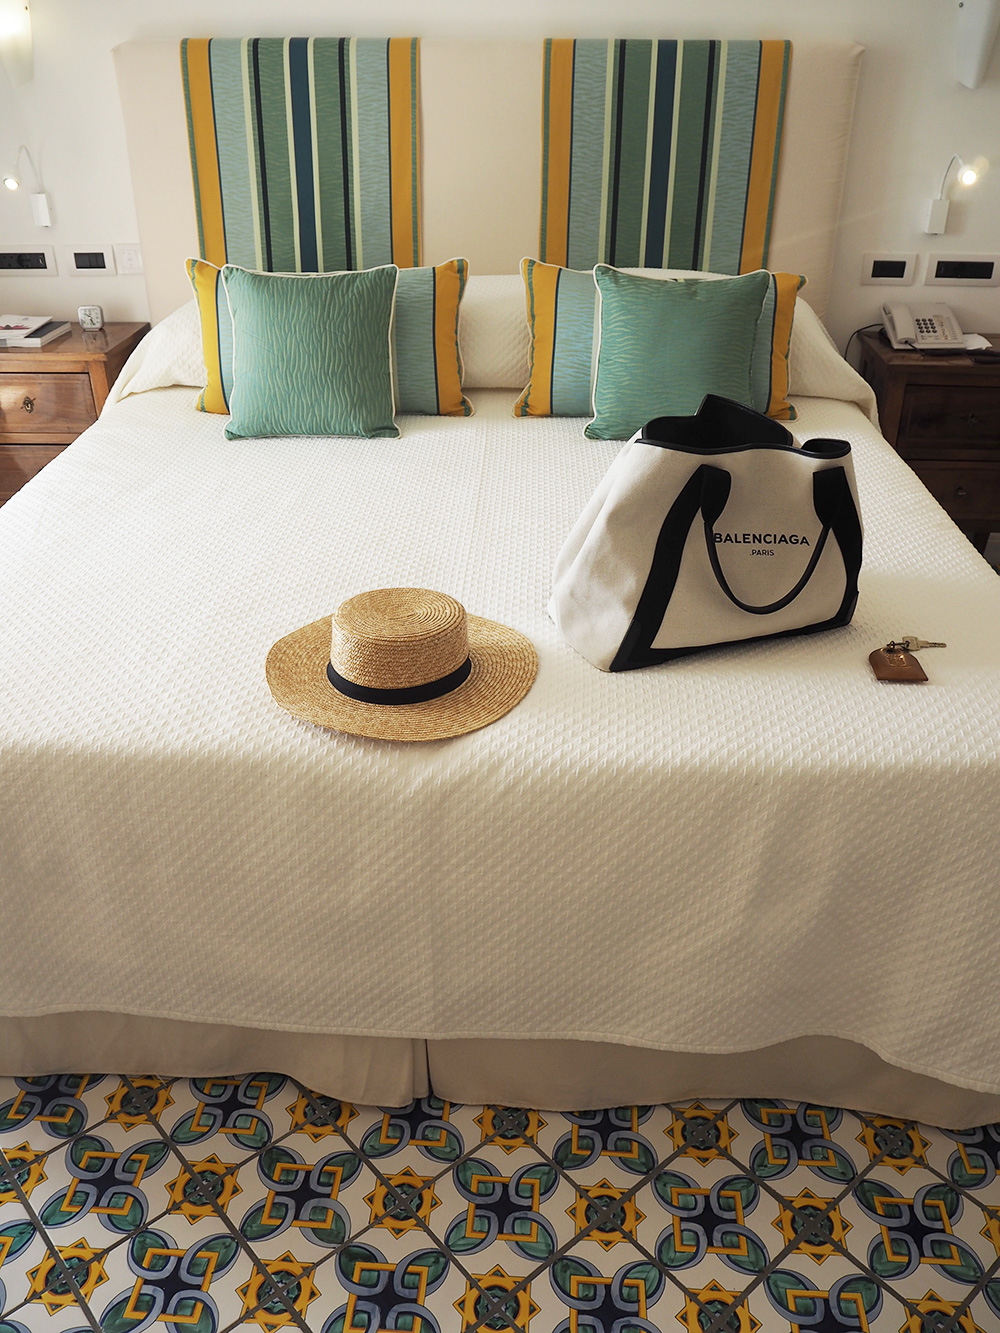 RosyCheeks-Hotel-Santa-Caterina-room